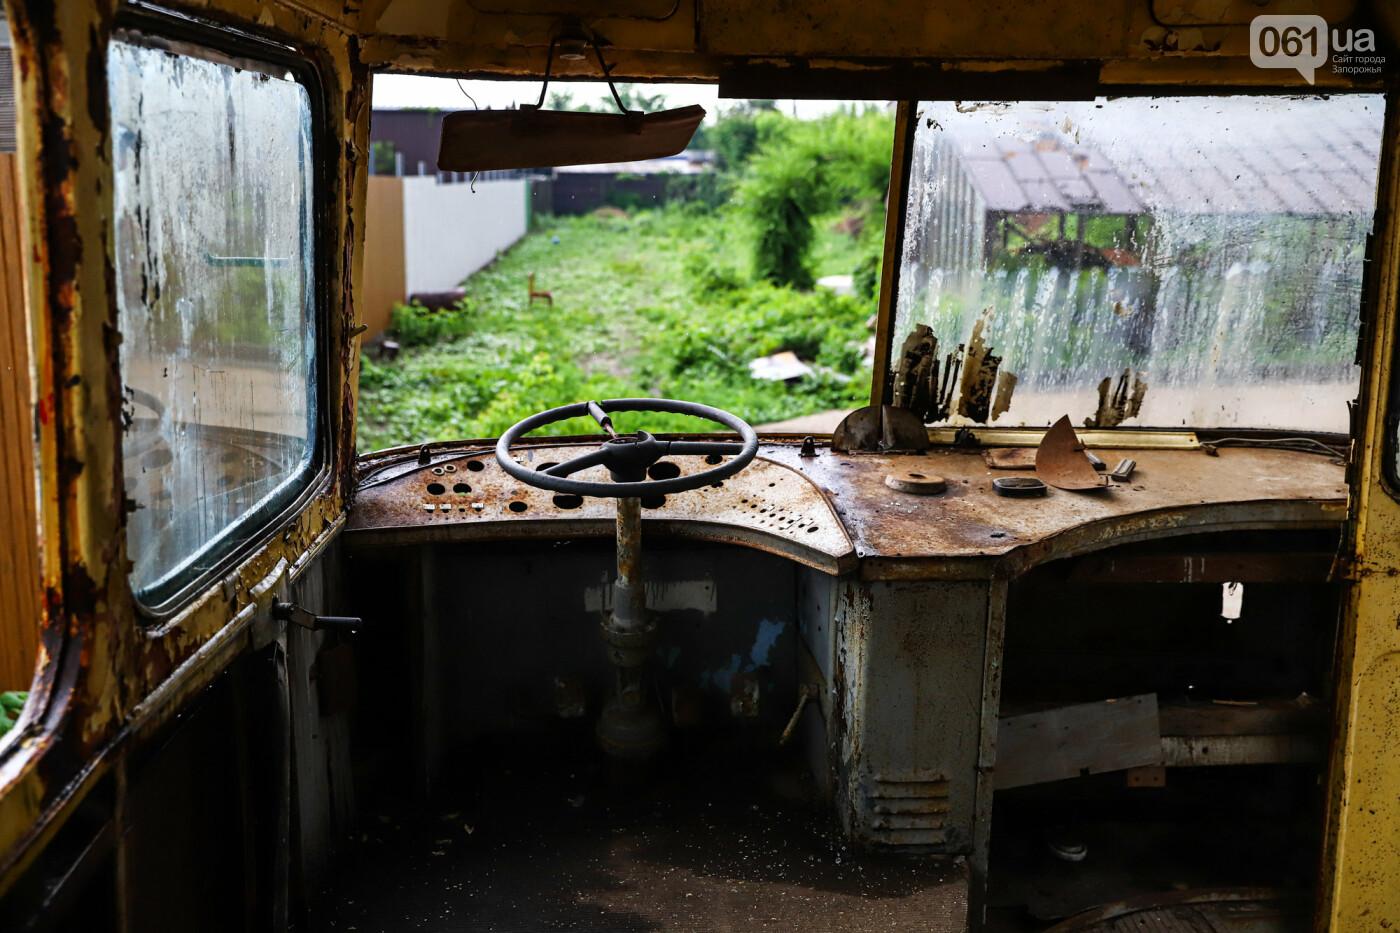 В Запорожье на месте зеленхоза одного из заводов появится Музей специального транспорта, - ФОТОРЕПОРТАЖ, фото-17